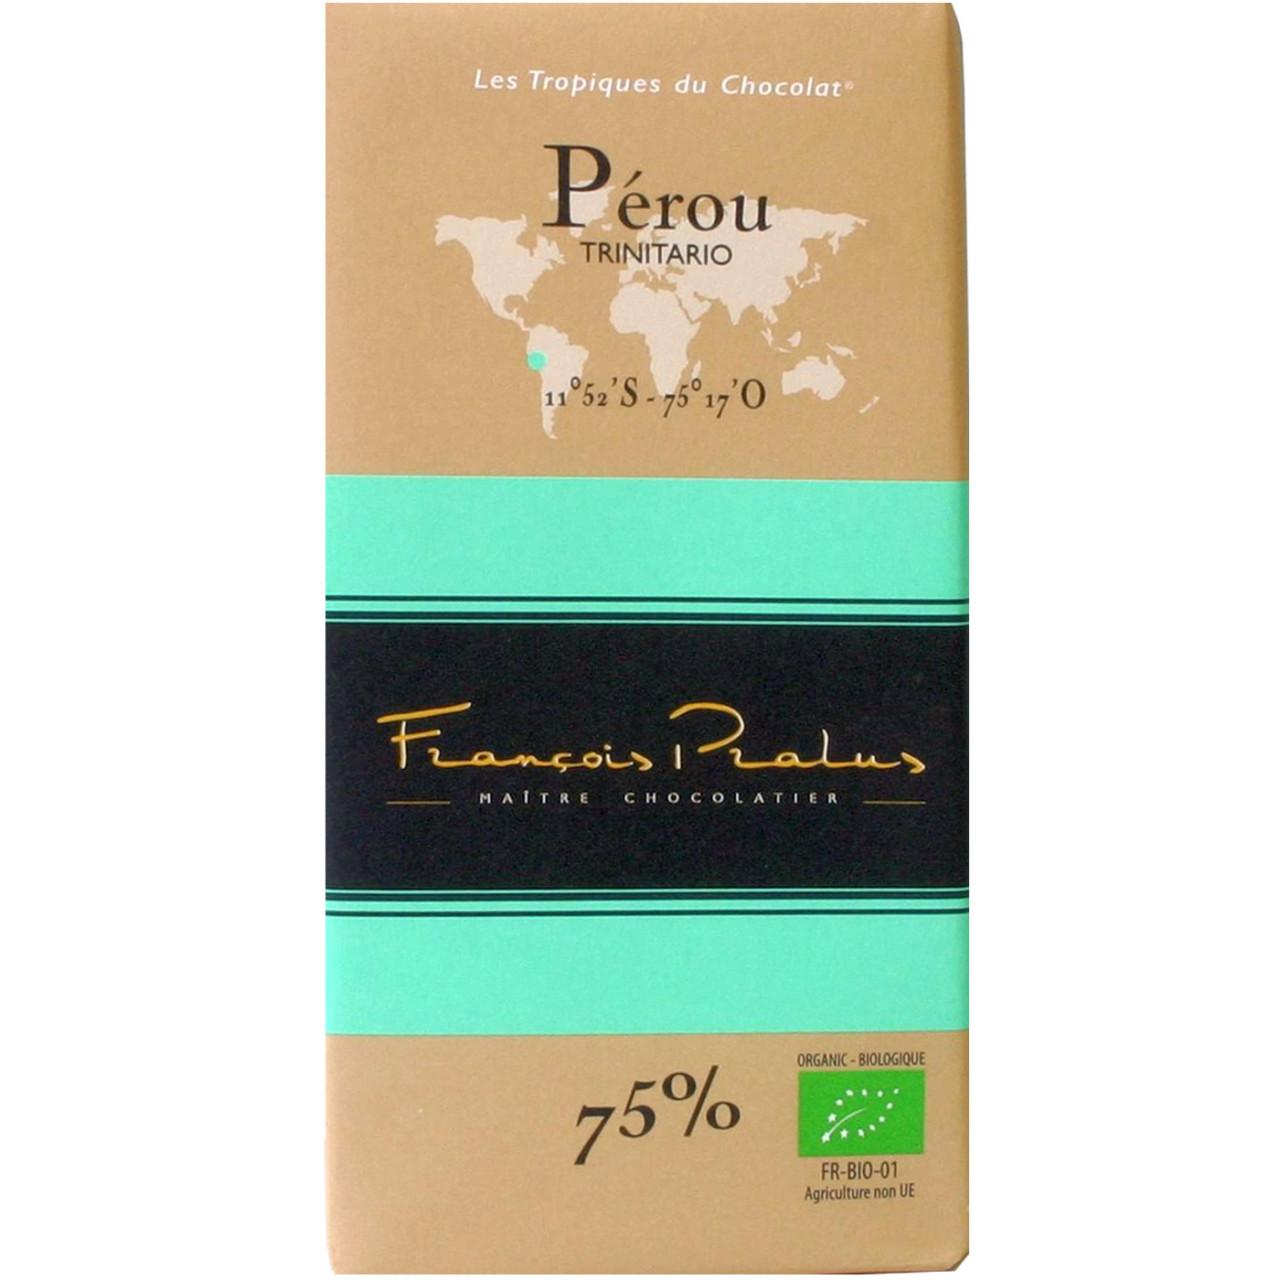 Pralus, Frankreich, dunkle Schokolade, Brasilien, Forastero, dark chocolate, chocolat noir